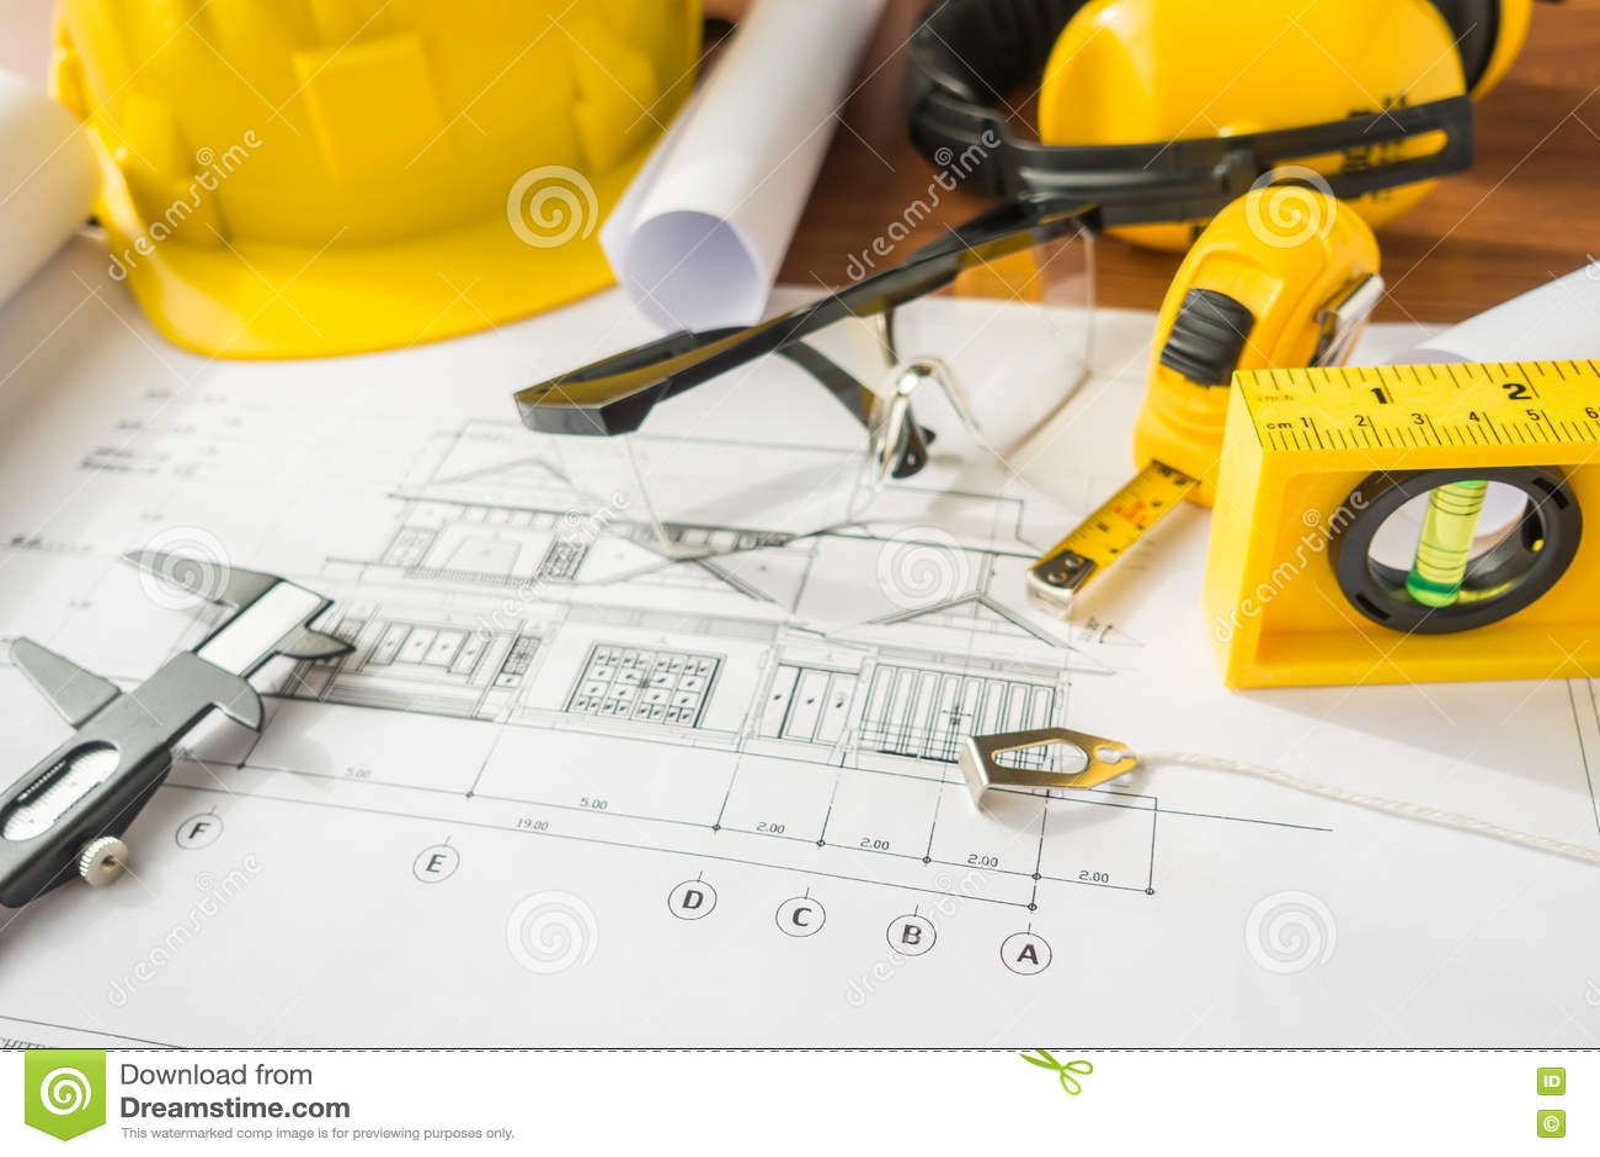 Download Планы строительства с желтым шлемом и чертегные инструменты на Bluep Стоковое Изображение - изображение насчитывающей организация, черный: 72281739